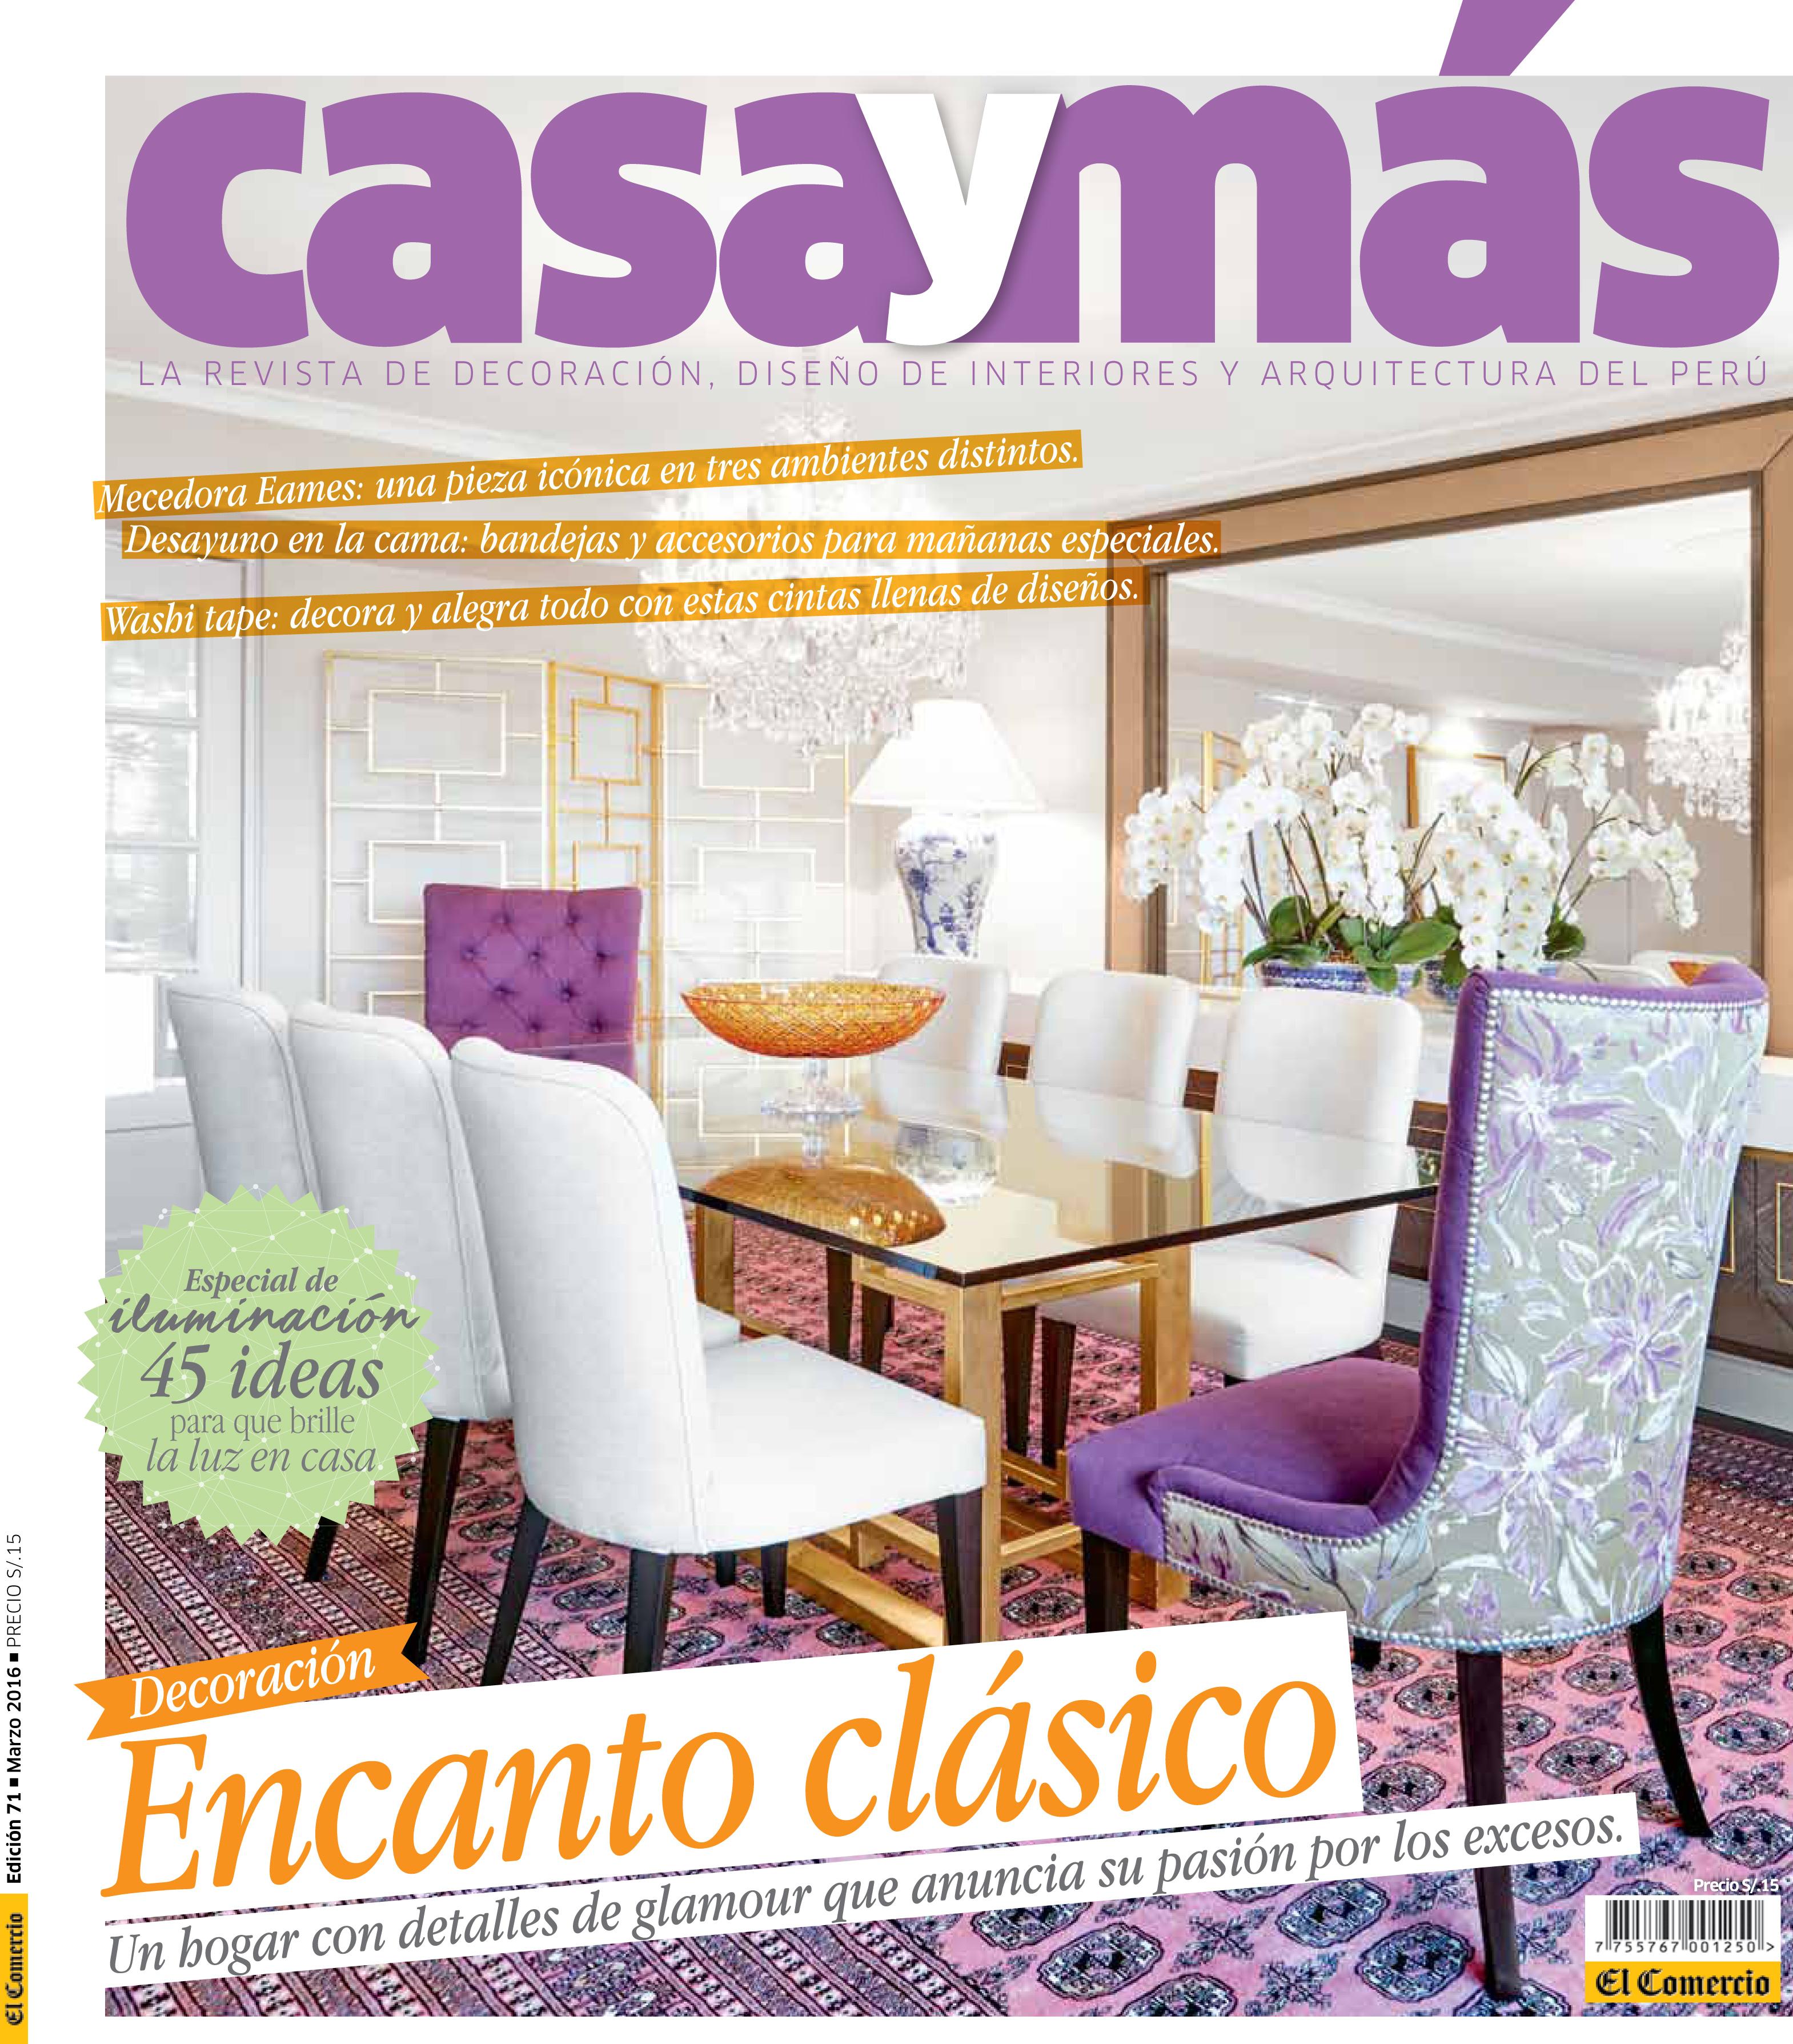 N°71 | casaymas